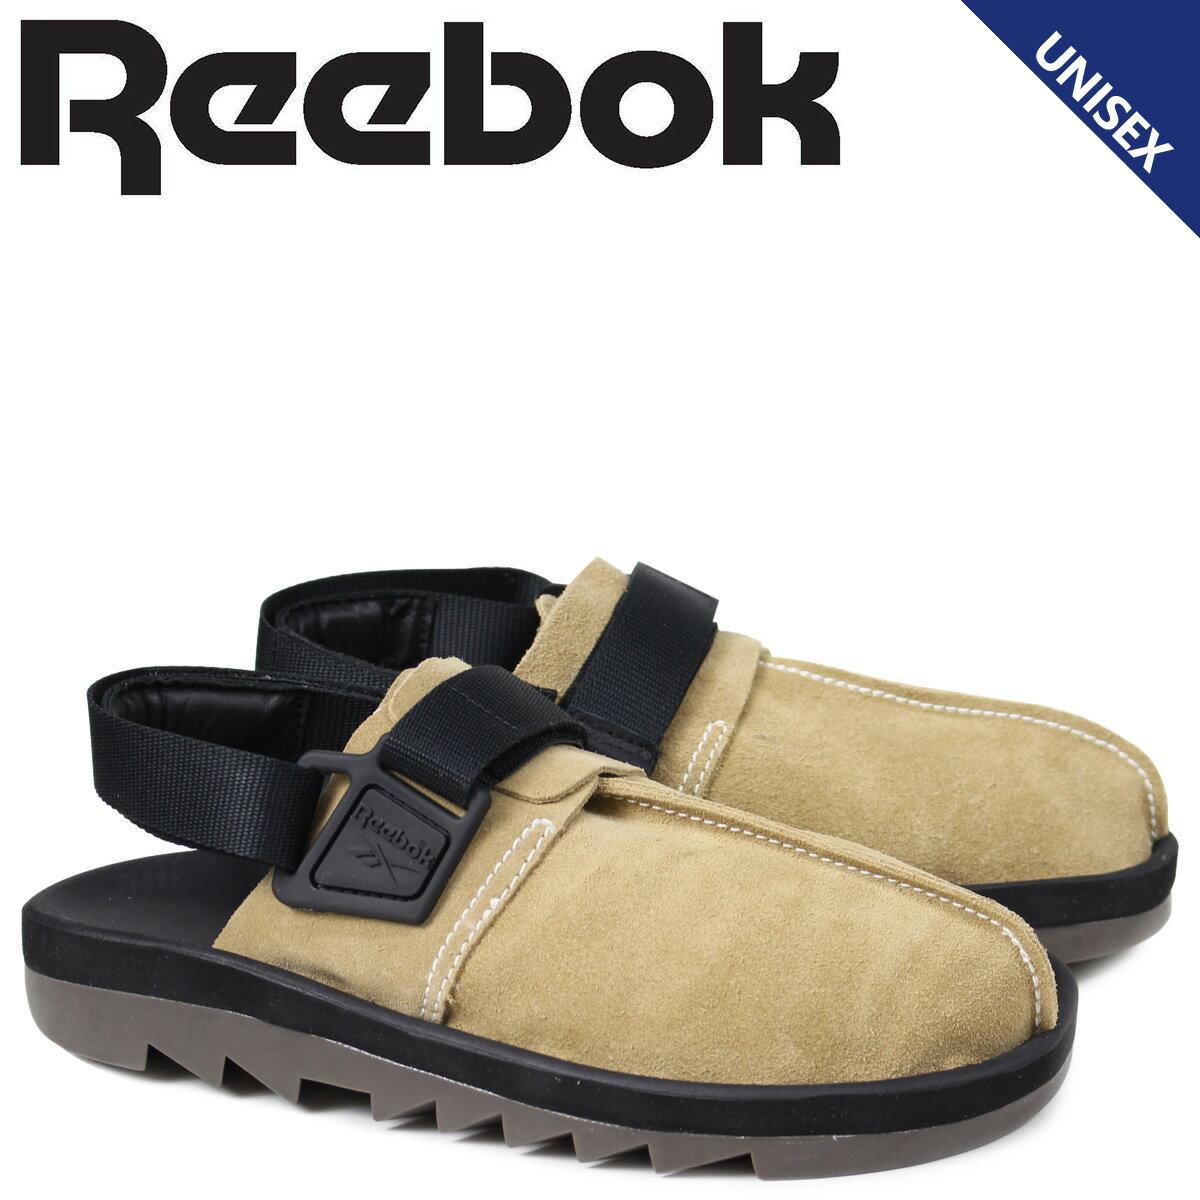 リーボック ビートニック レディース メンズ サンダル Reebok BEATNIK CN3731 ブラウン [3/16 新入荷]